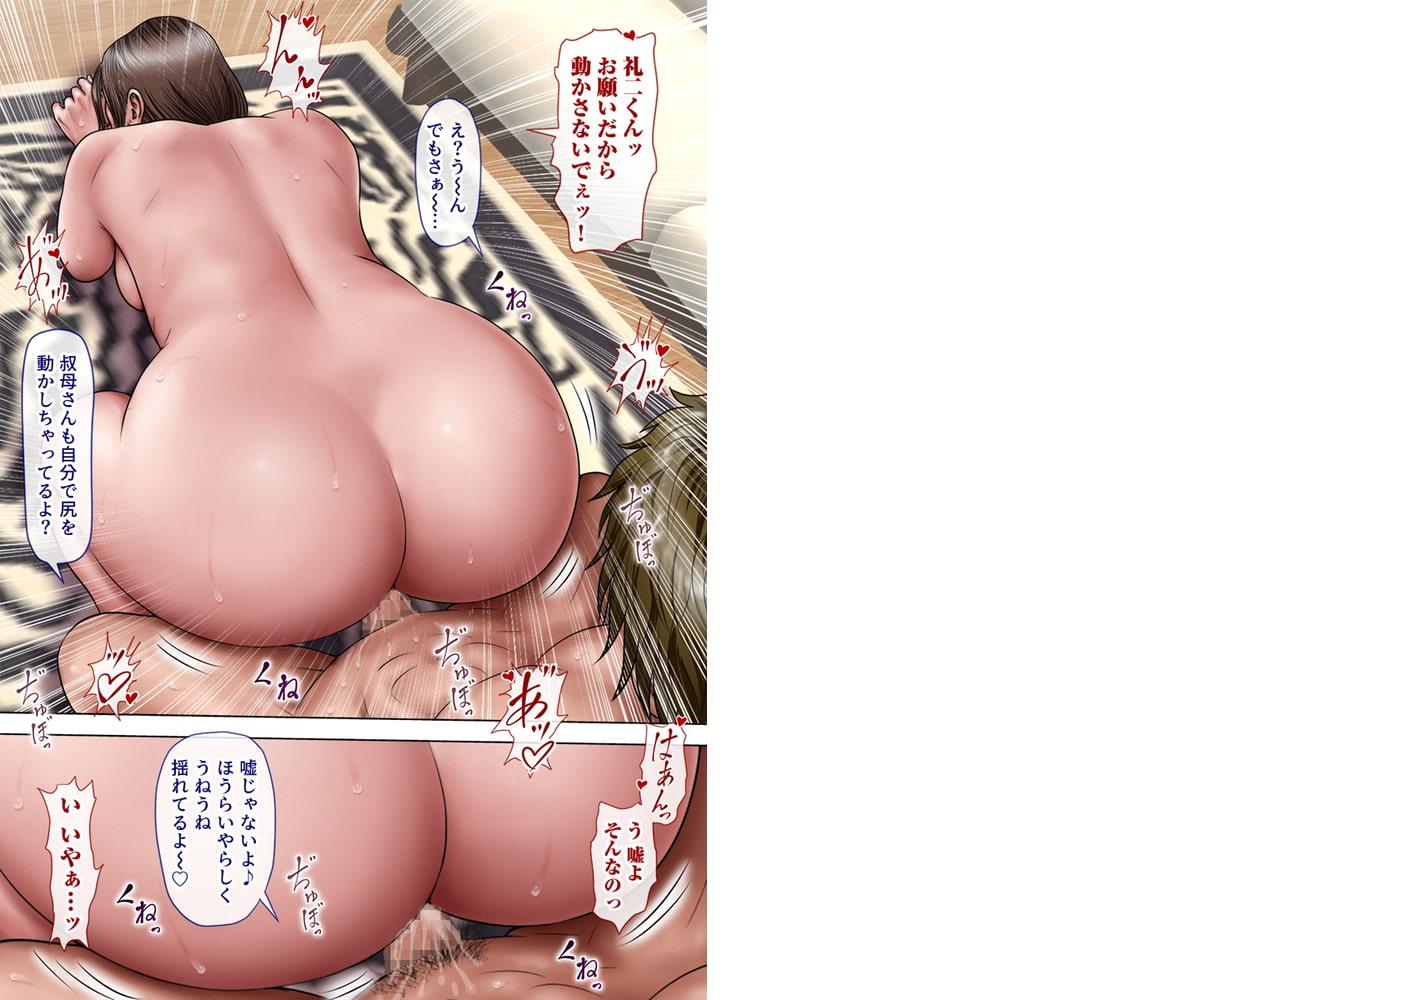 あこがれの叔母を寝取る 5巻のサンプル画像